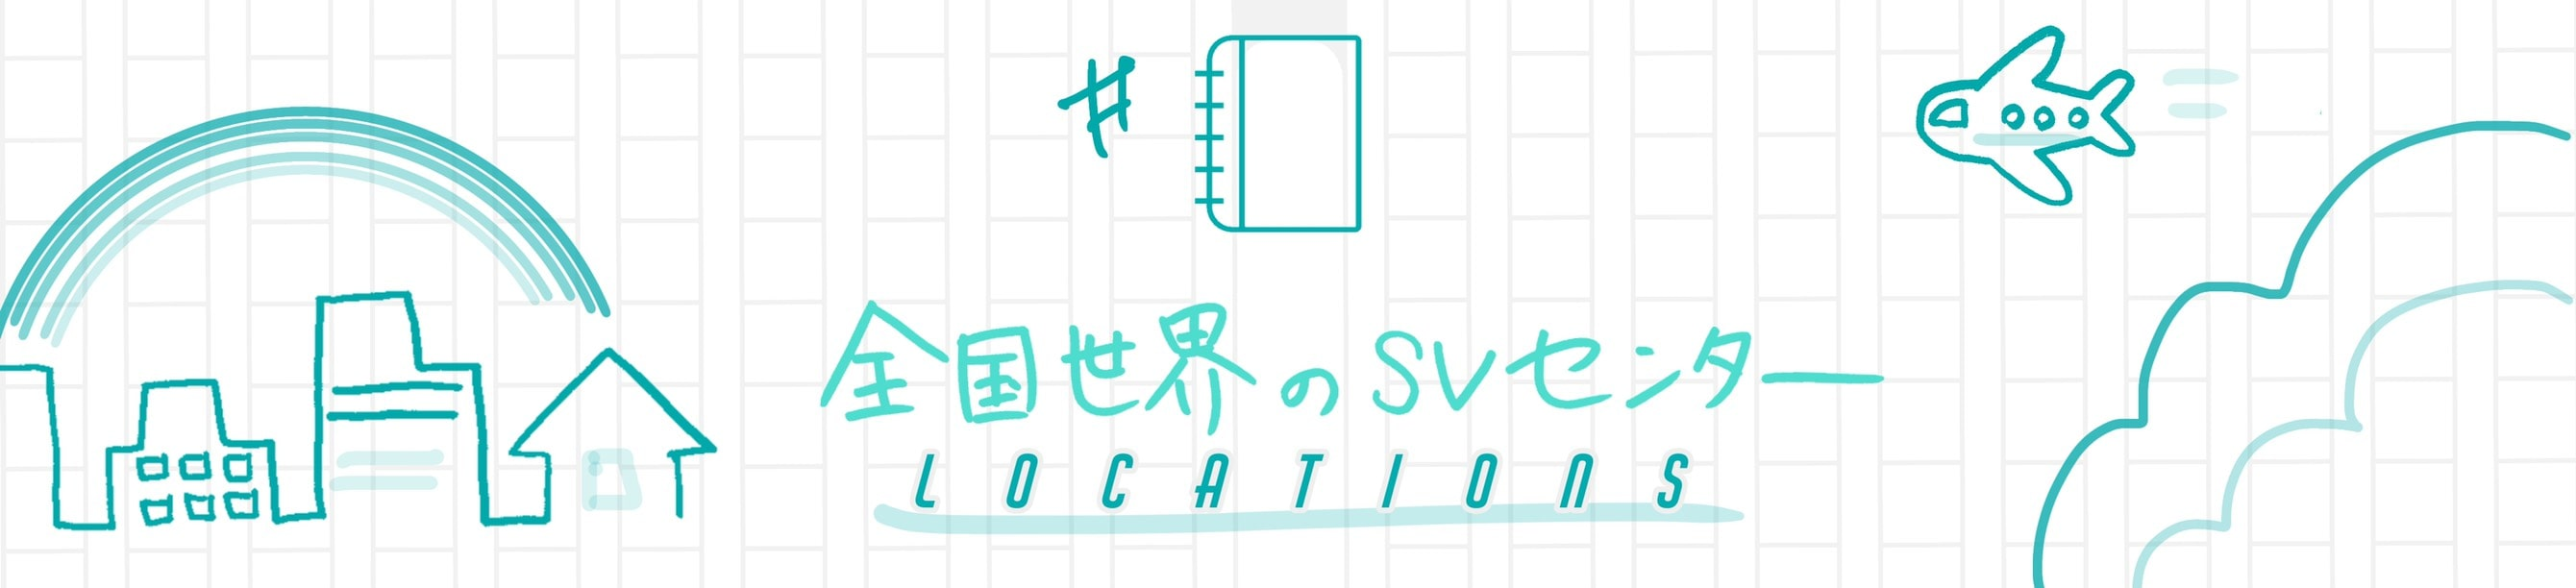 全国世界のSVセンター